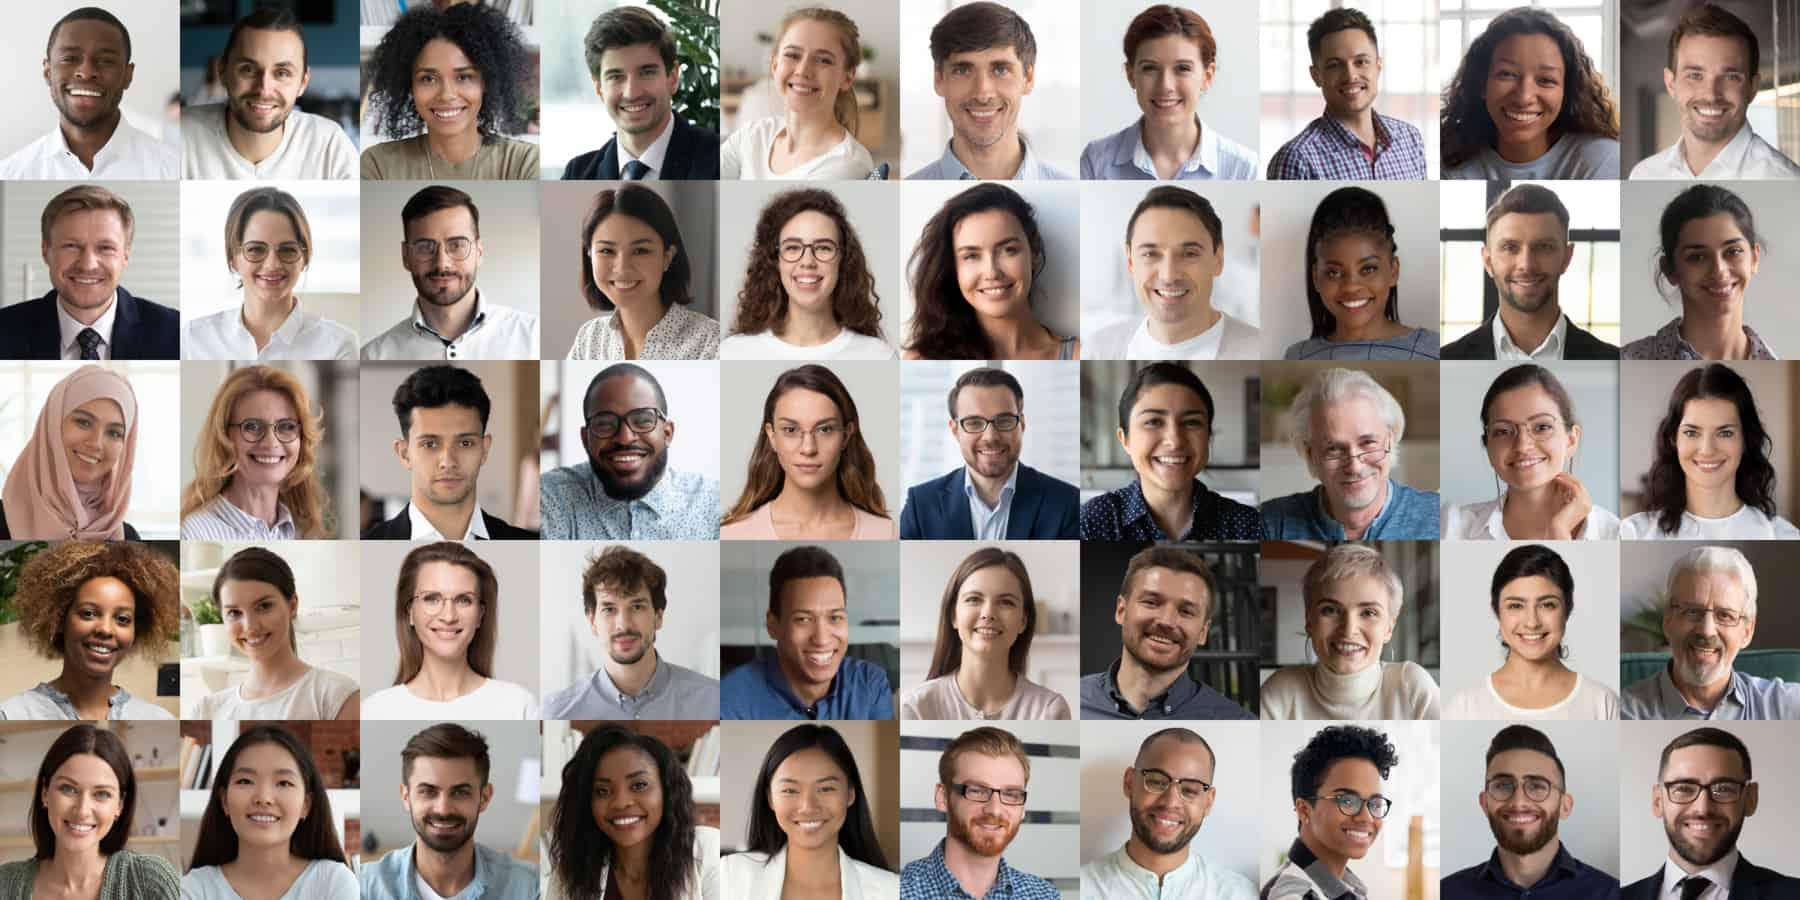 audiologist-alt-faces-grid